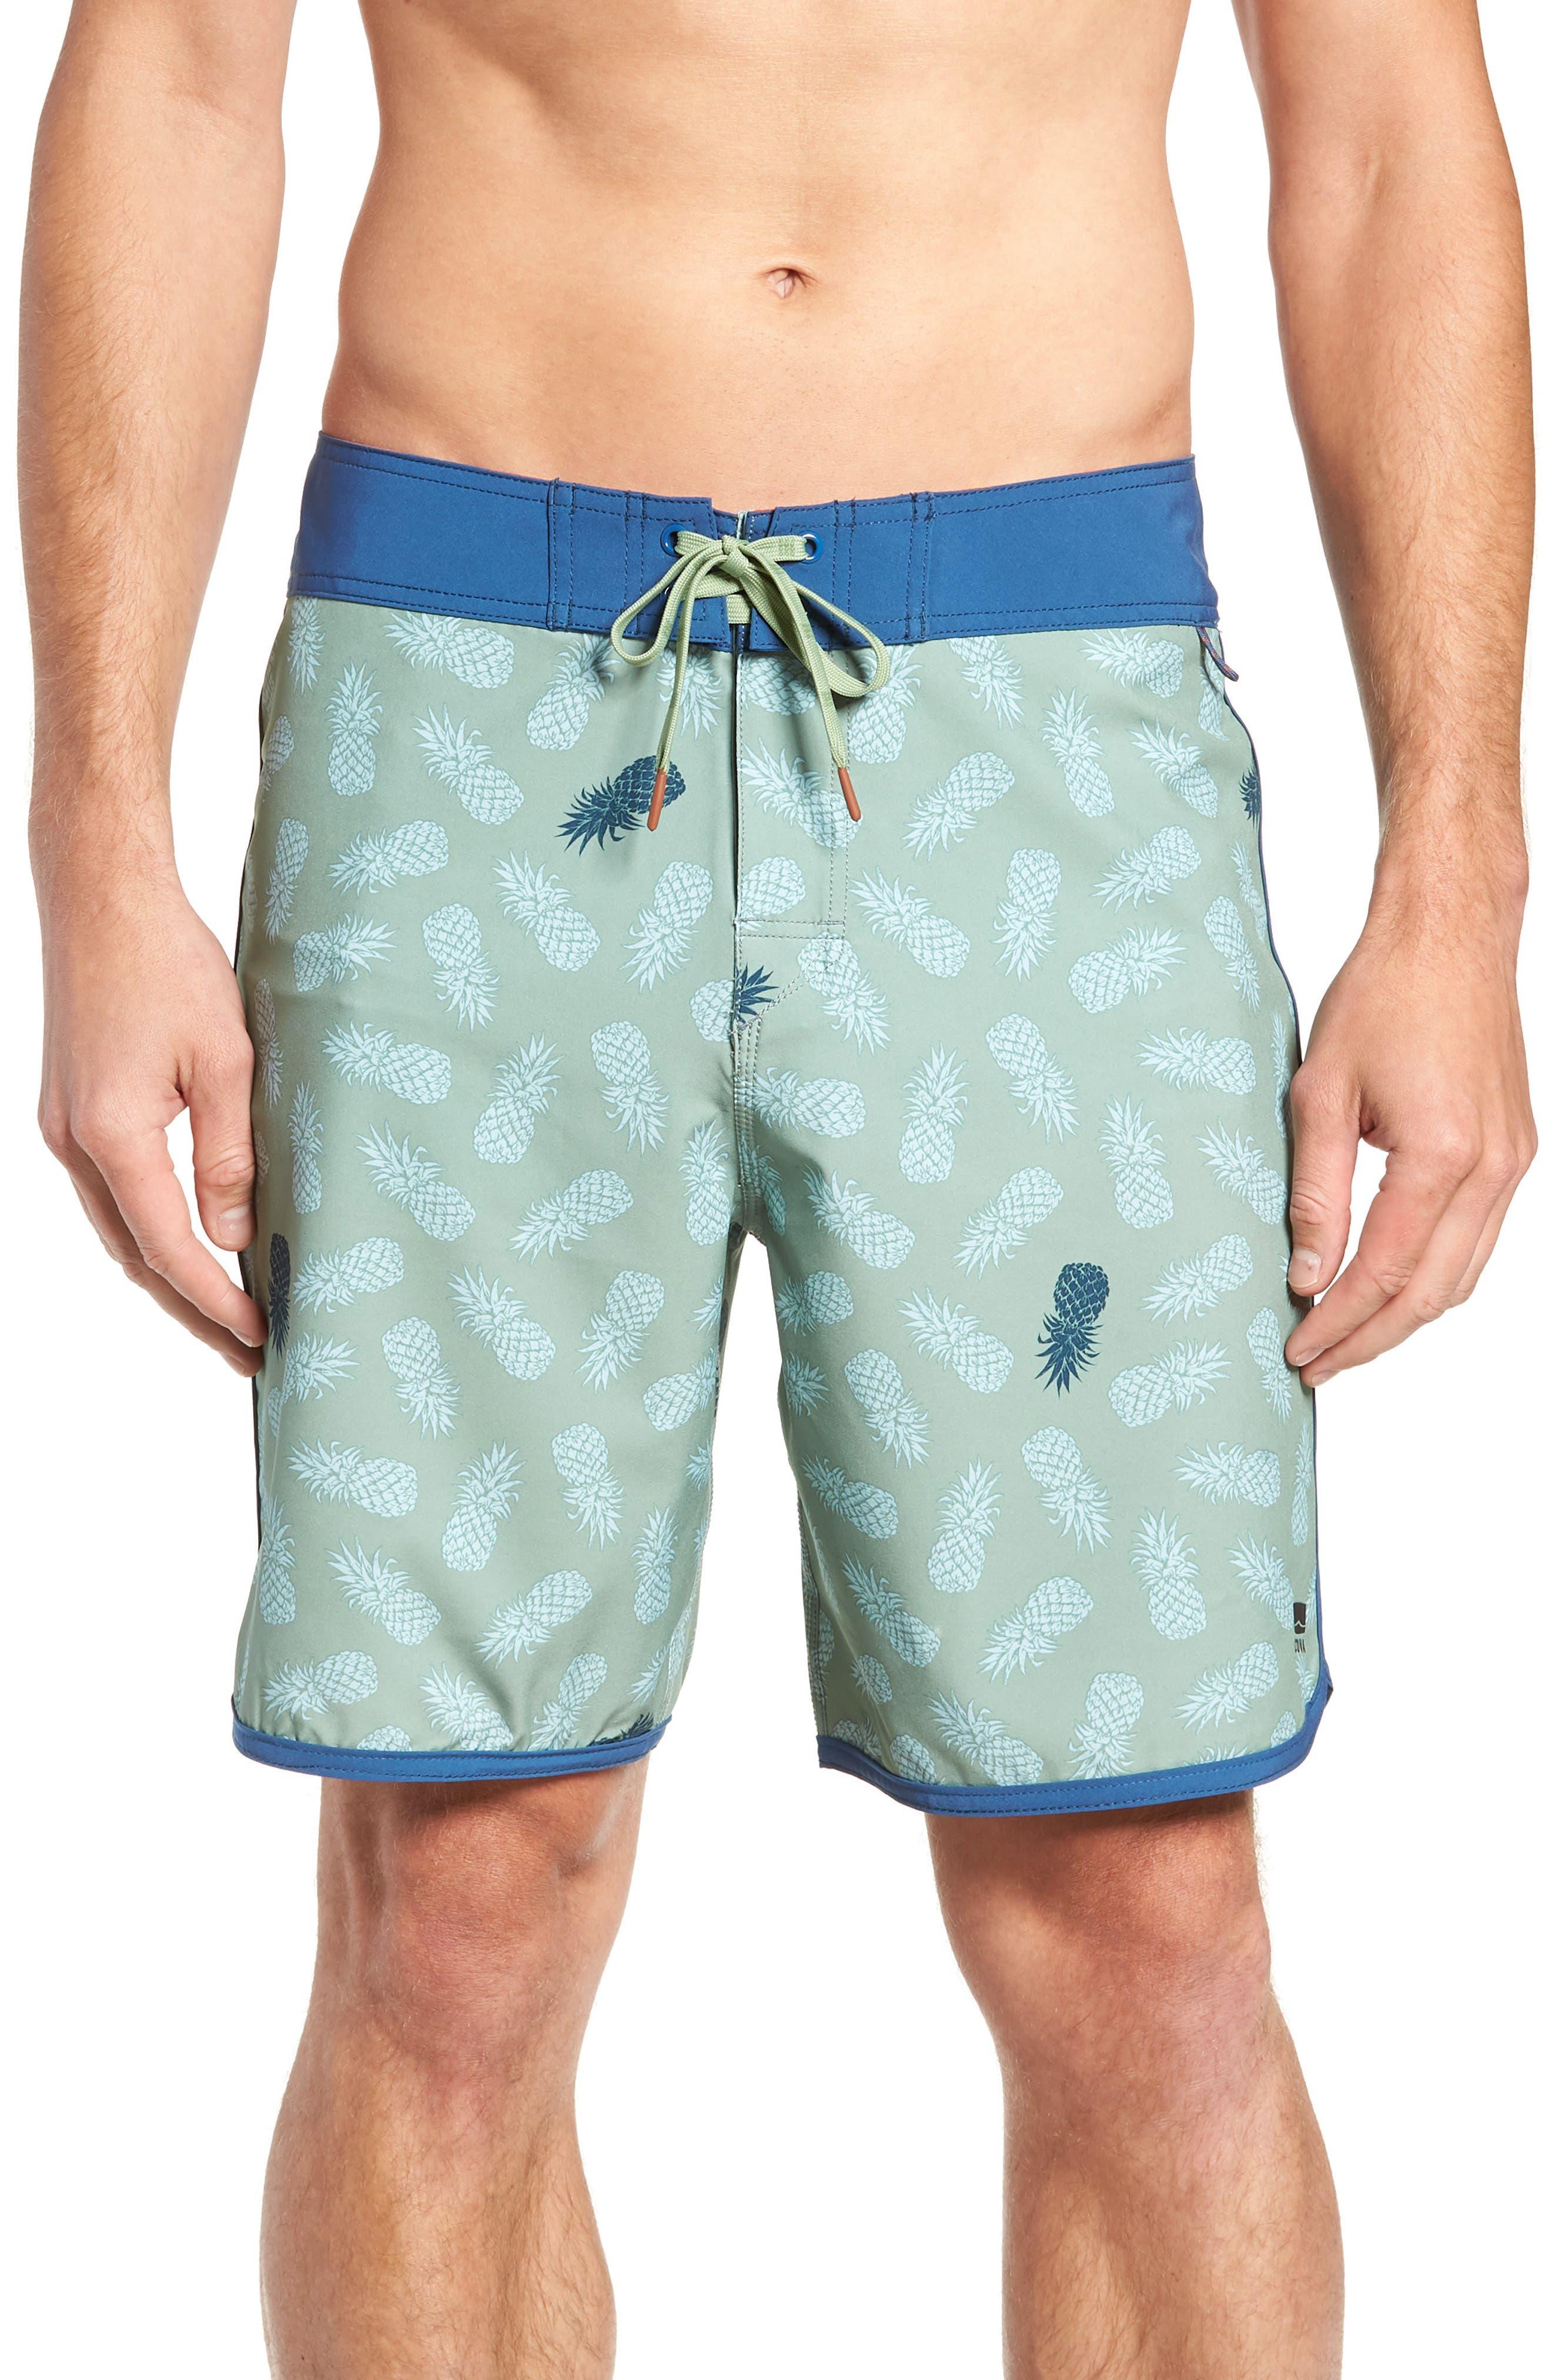 Colada Regular Fit Board Shorts,                             Main thumbnail 1, color,                             BASIL GREEN